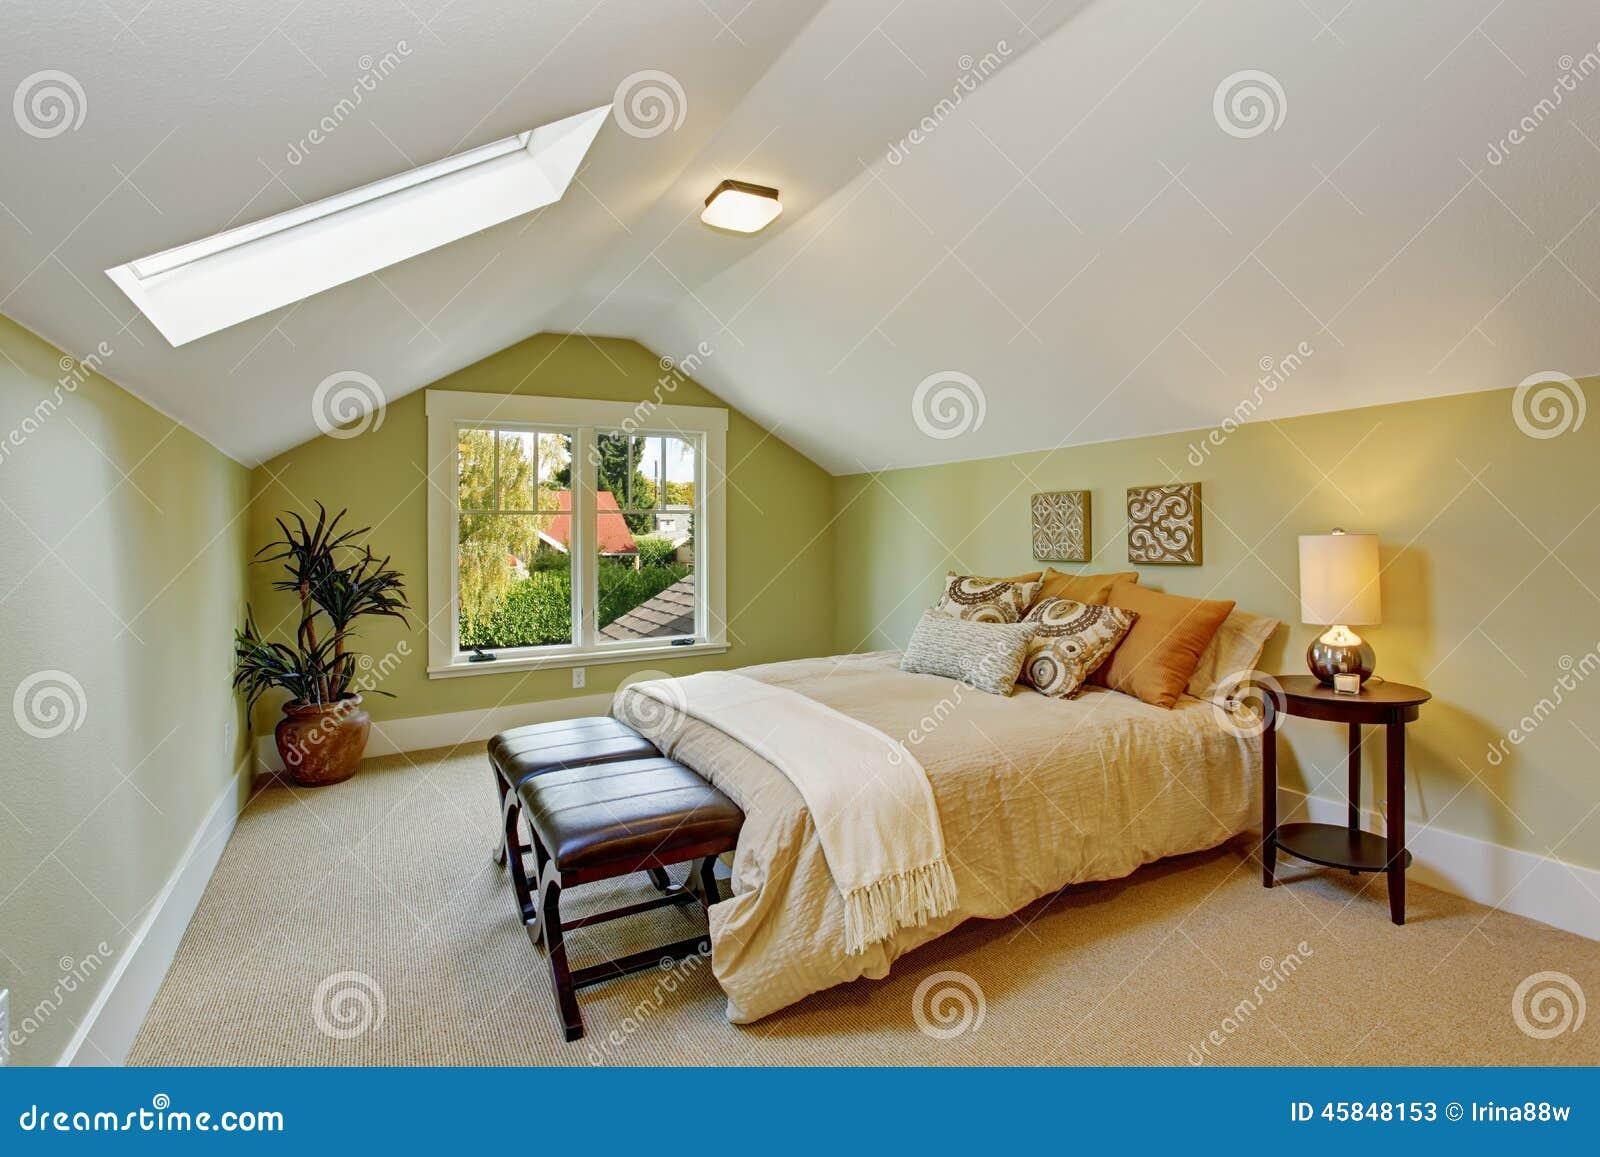 Dreams Queen Size Bed